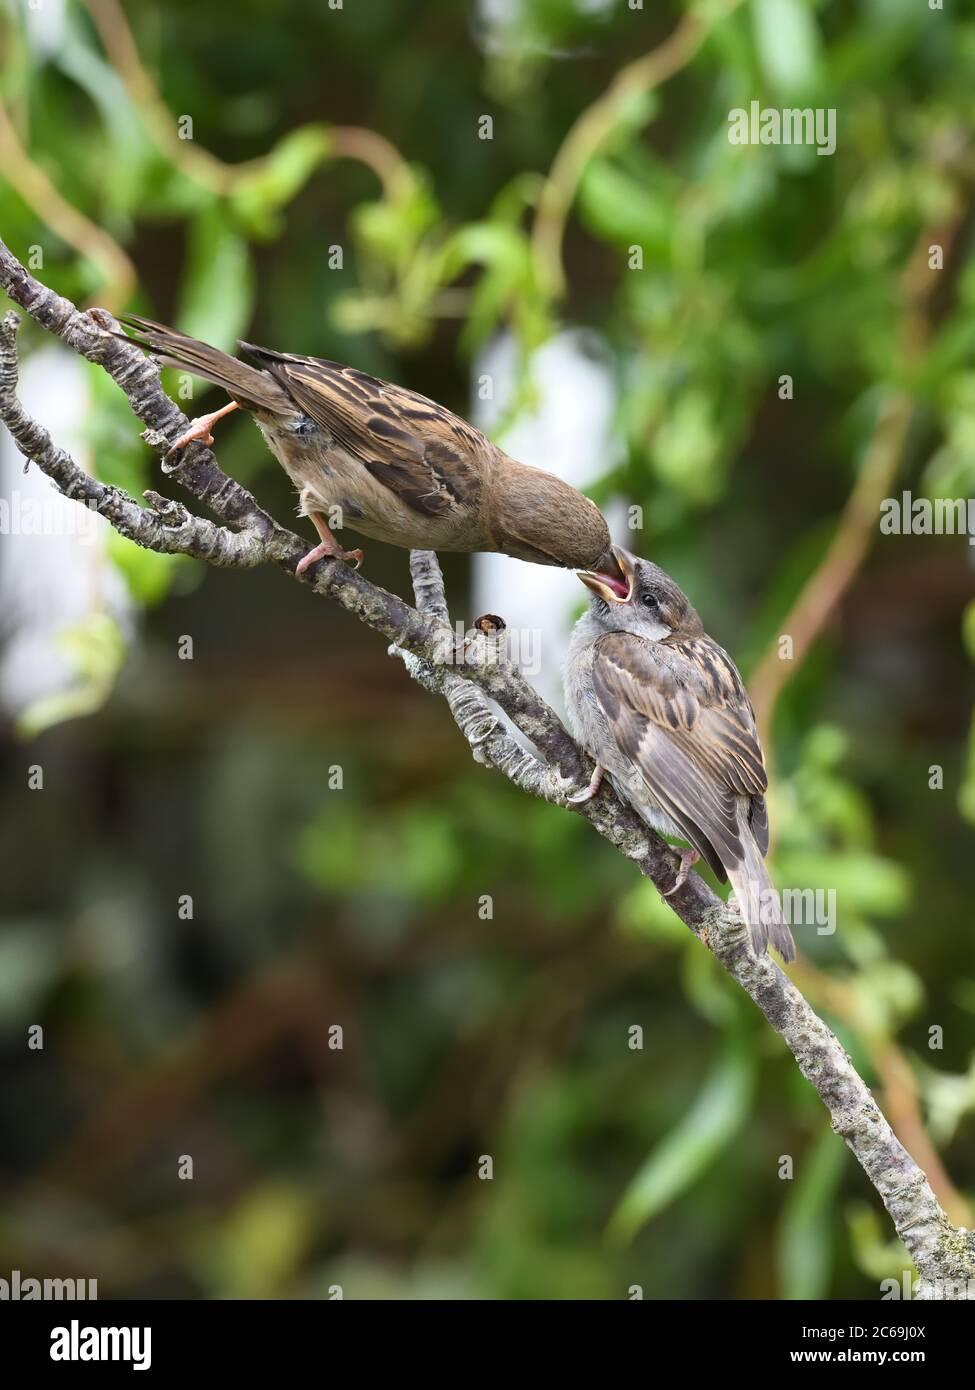 Una hembra de la casa Sparrow (Passer domesticus) alimentando a un inmaduro, bebé, que se está fugando en un jardín doméstico en Escocia, Reino Unido, Europa Foto de stock